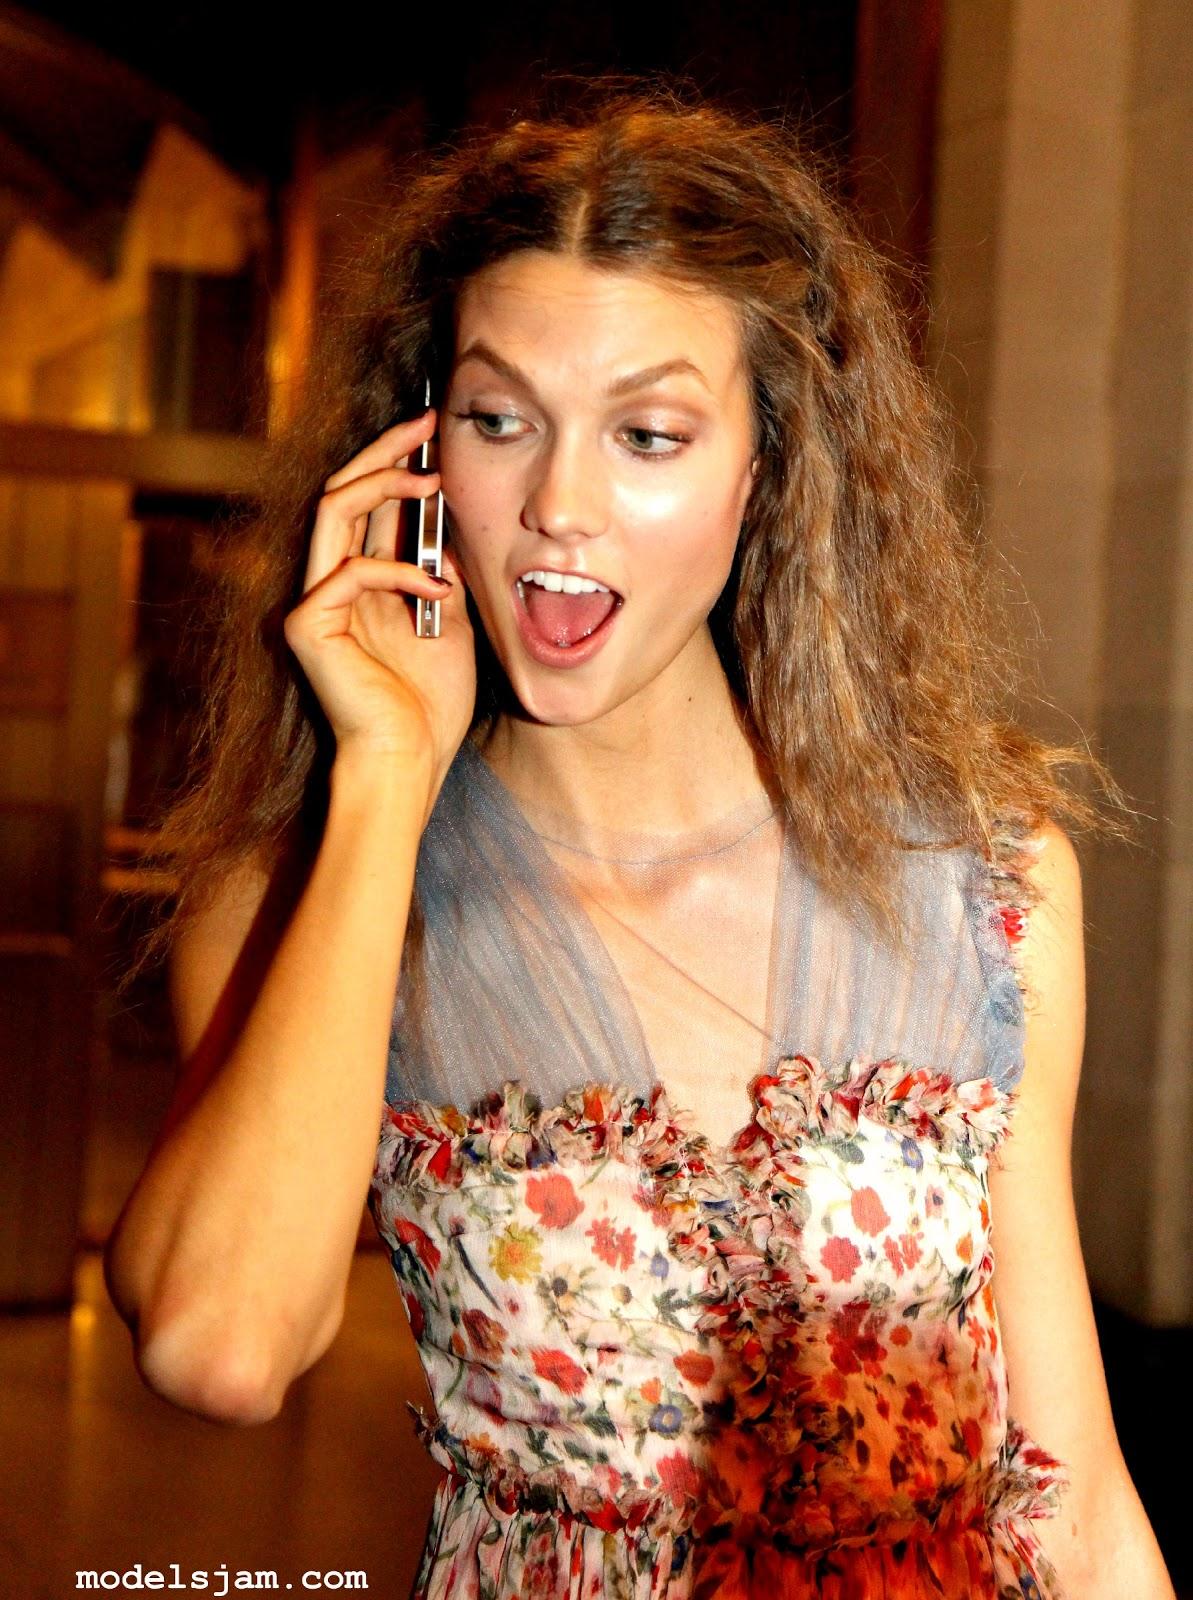 http://1.bp.blogspot.com/-lofKWgaMamA/TyFvAjXGmjI/AAAAAAAAAts/fHUzGN1DR8s/s1600/karlie+phone.jpg